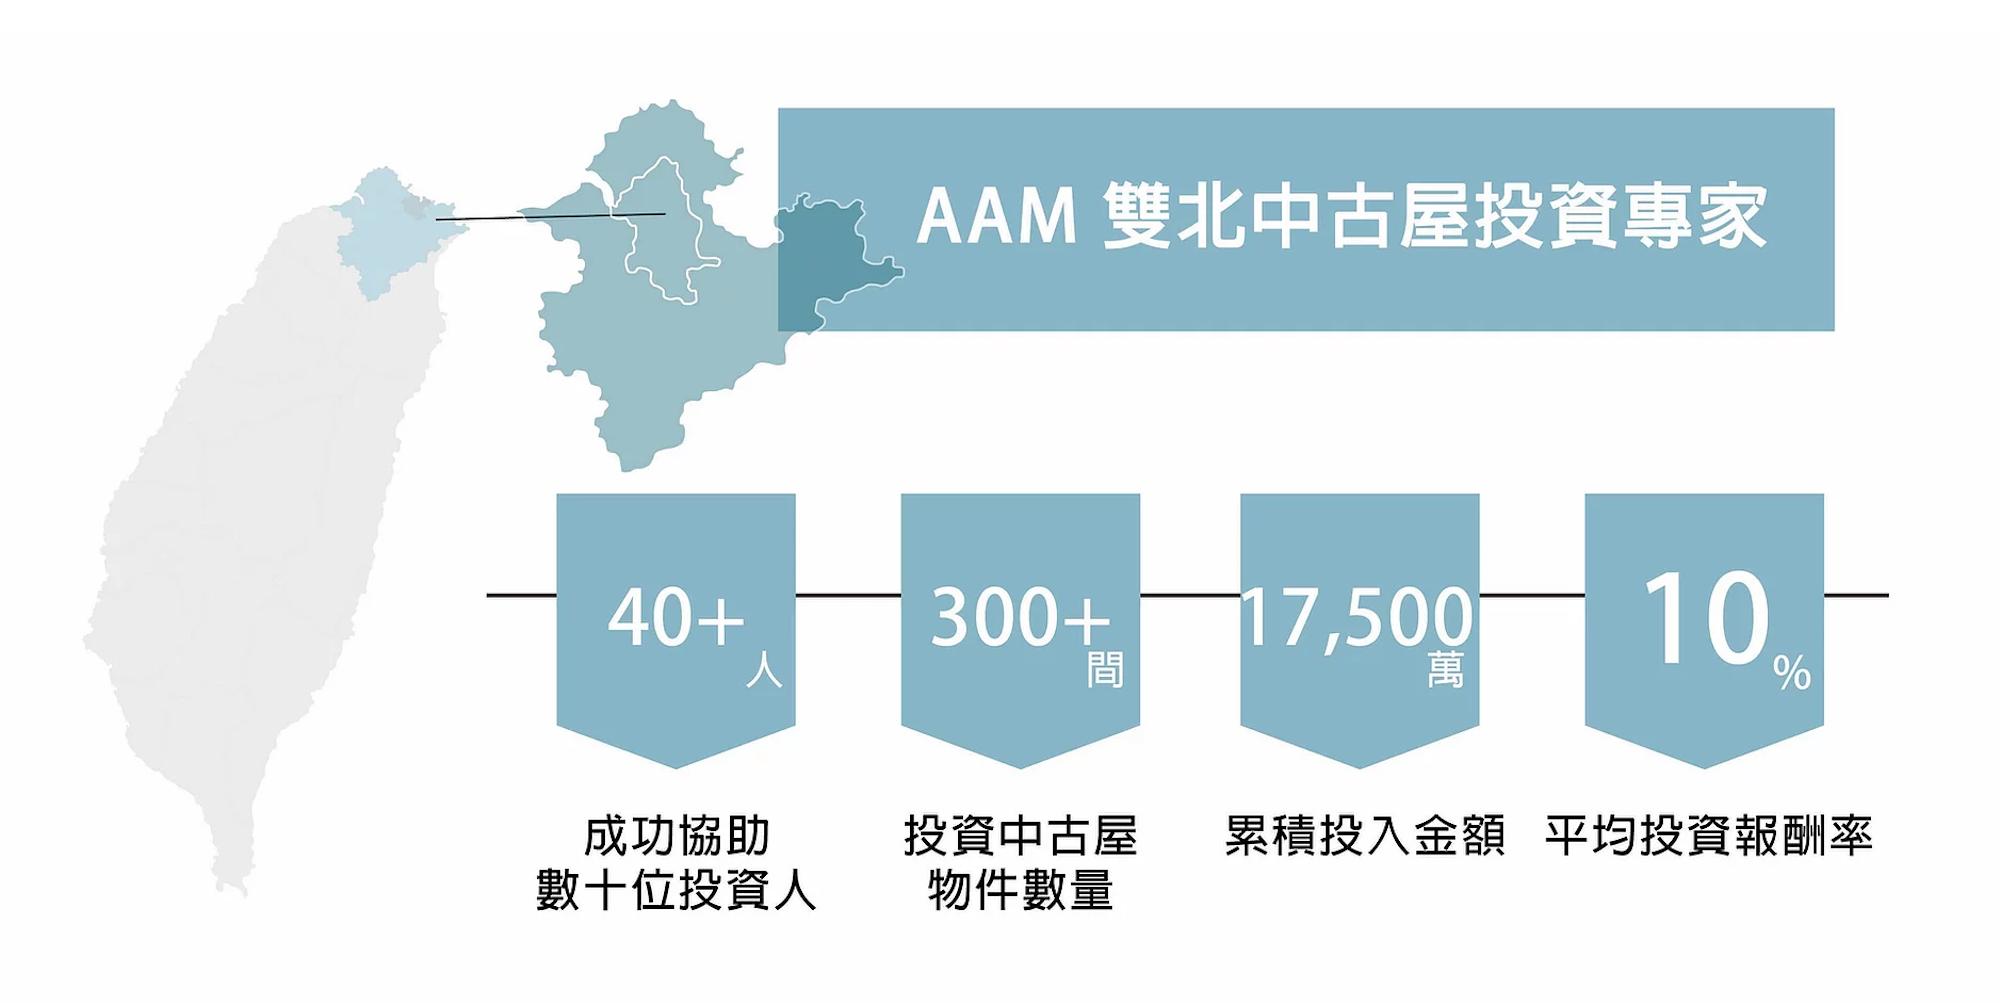 AAM財富方舟資產管理